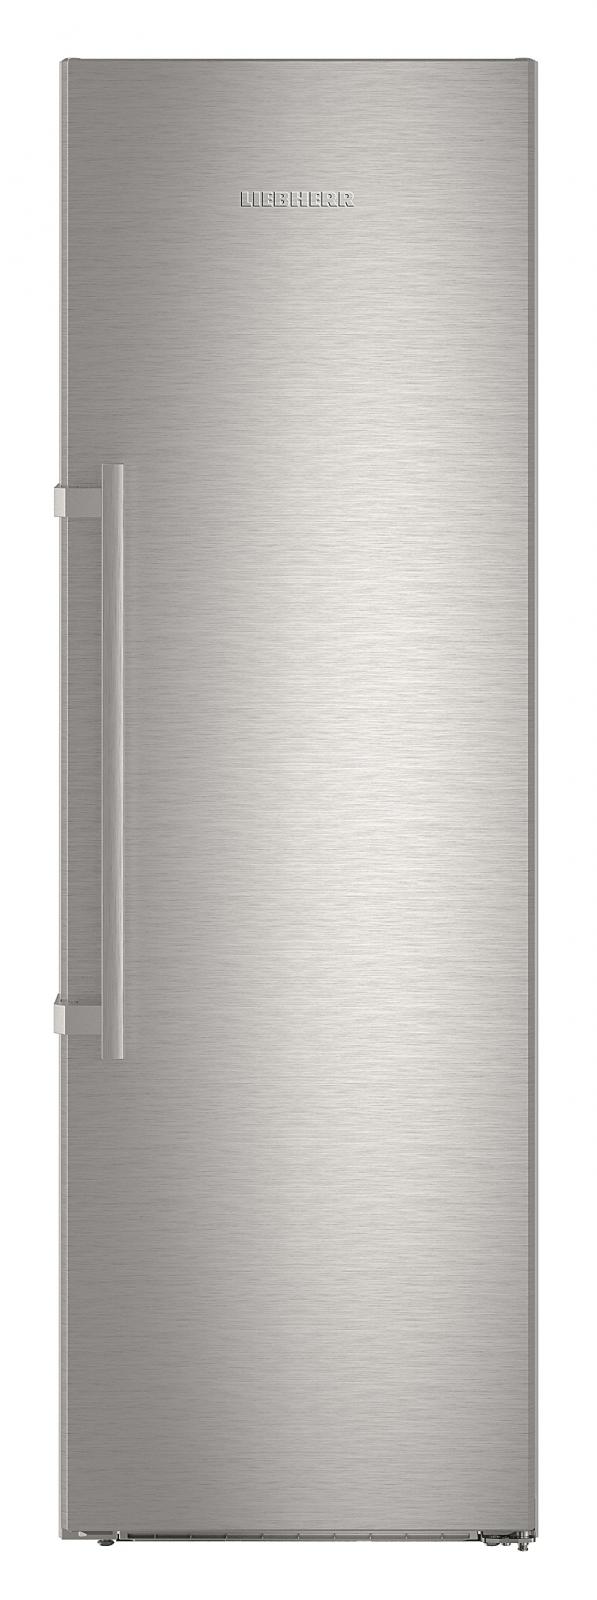 купить Однокамерный холодильник Liebherr Kef 4310 Украина фото 2